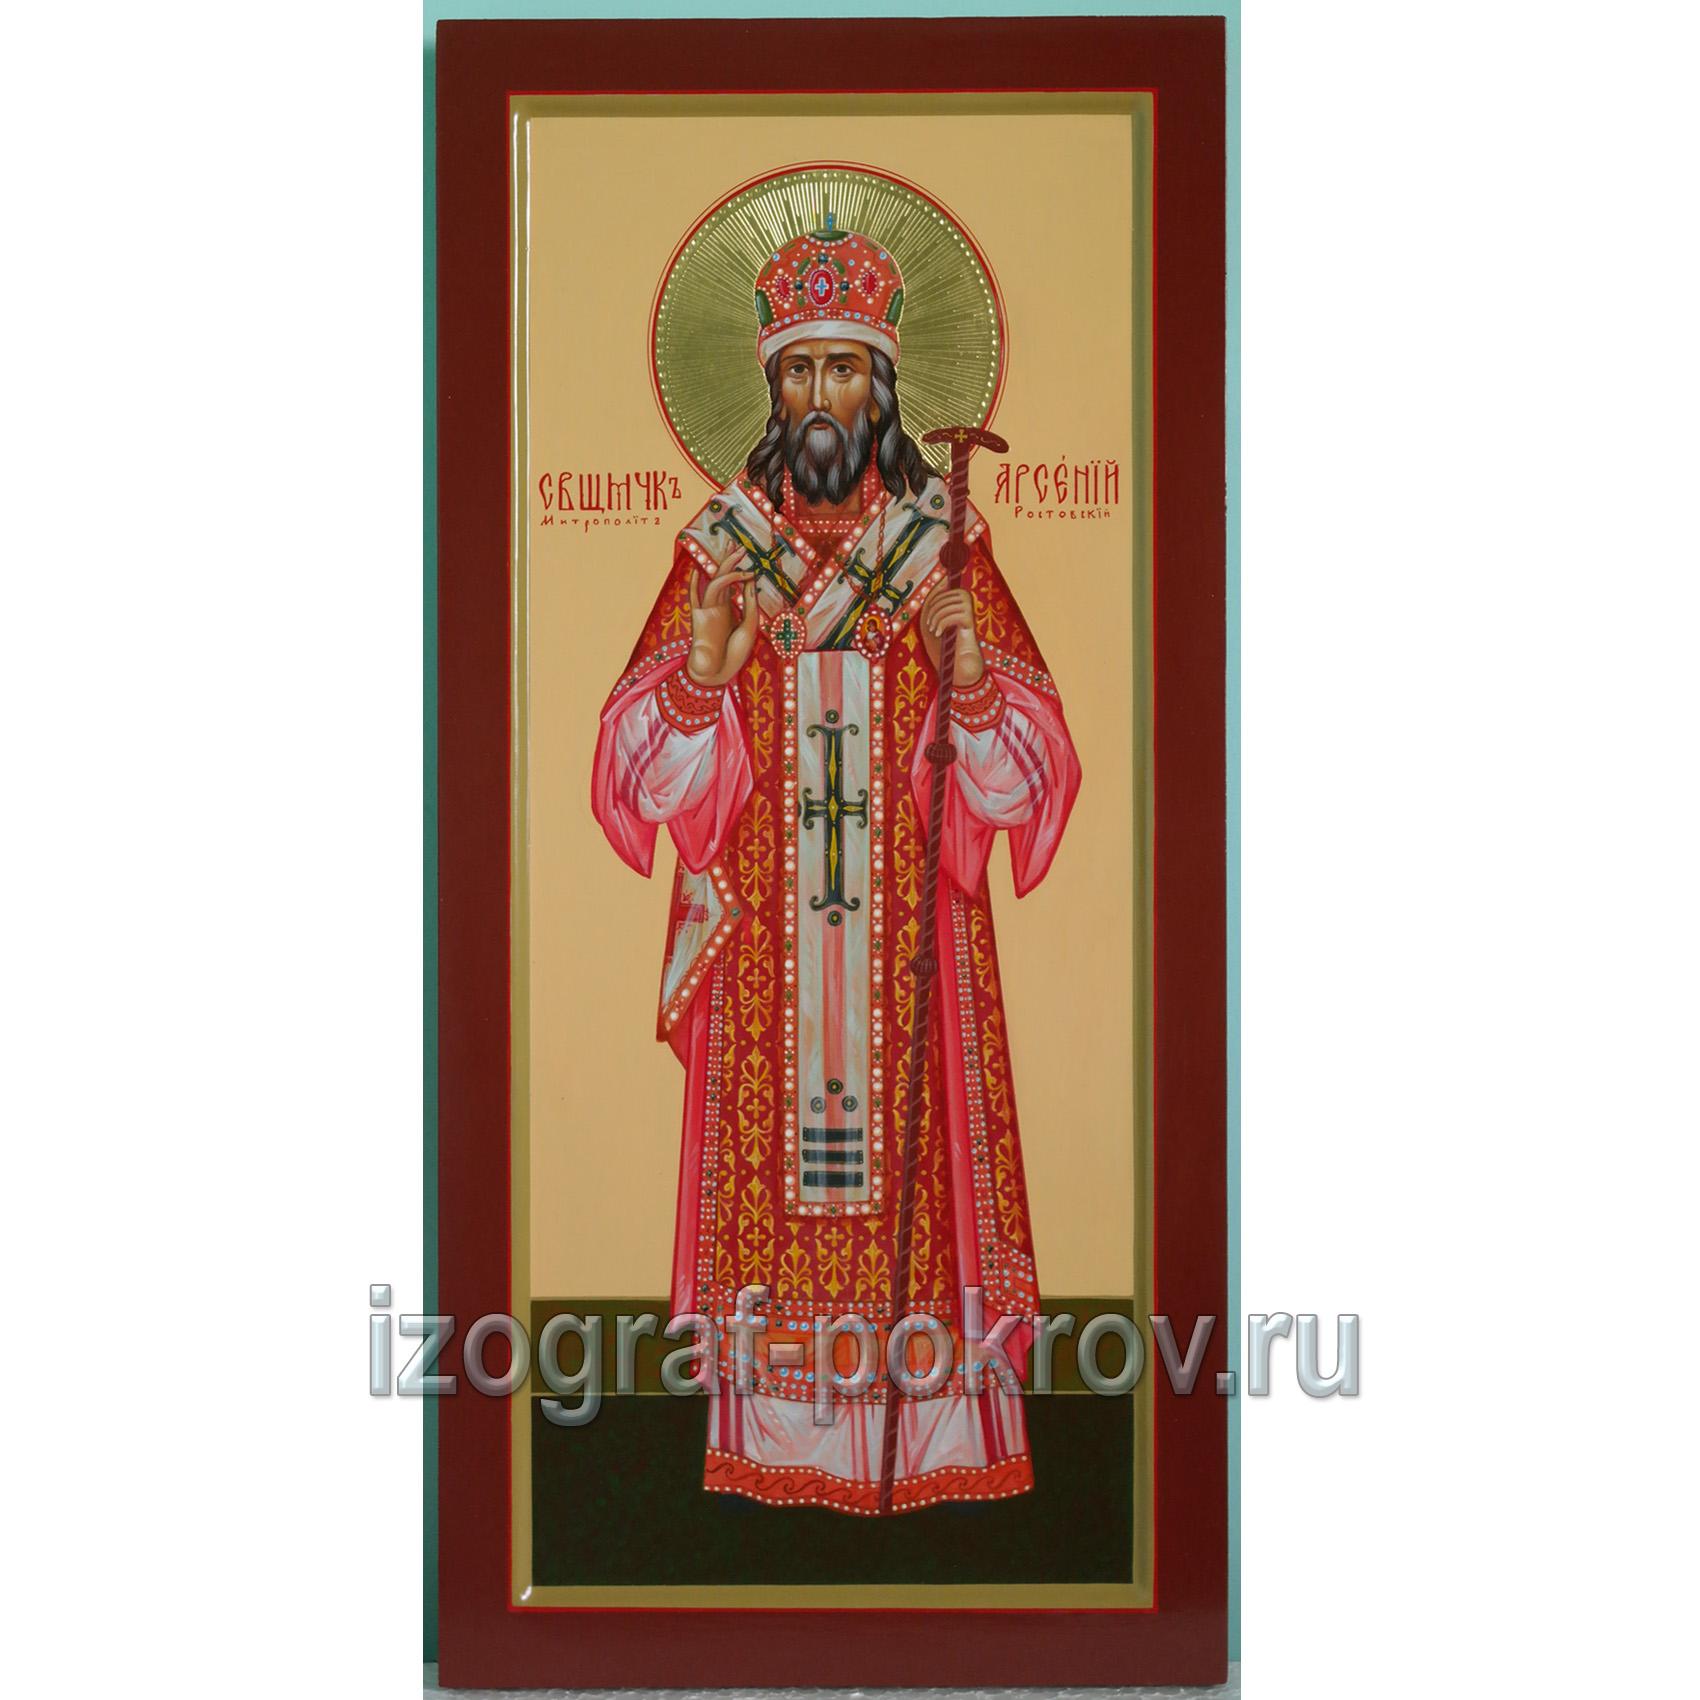 Мерная икона митрополит Арсений Ростовский и Ярославский